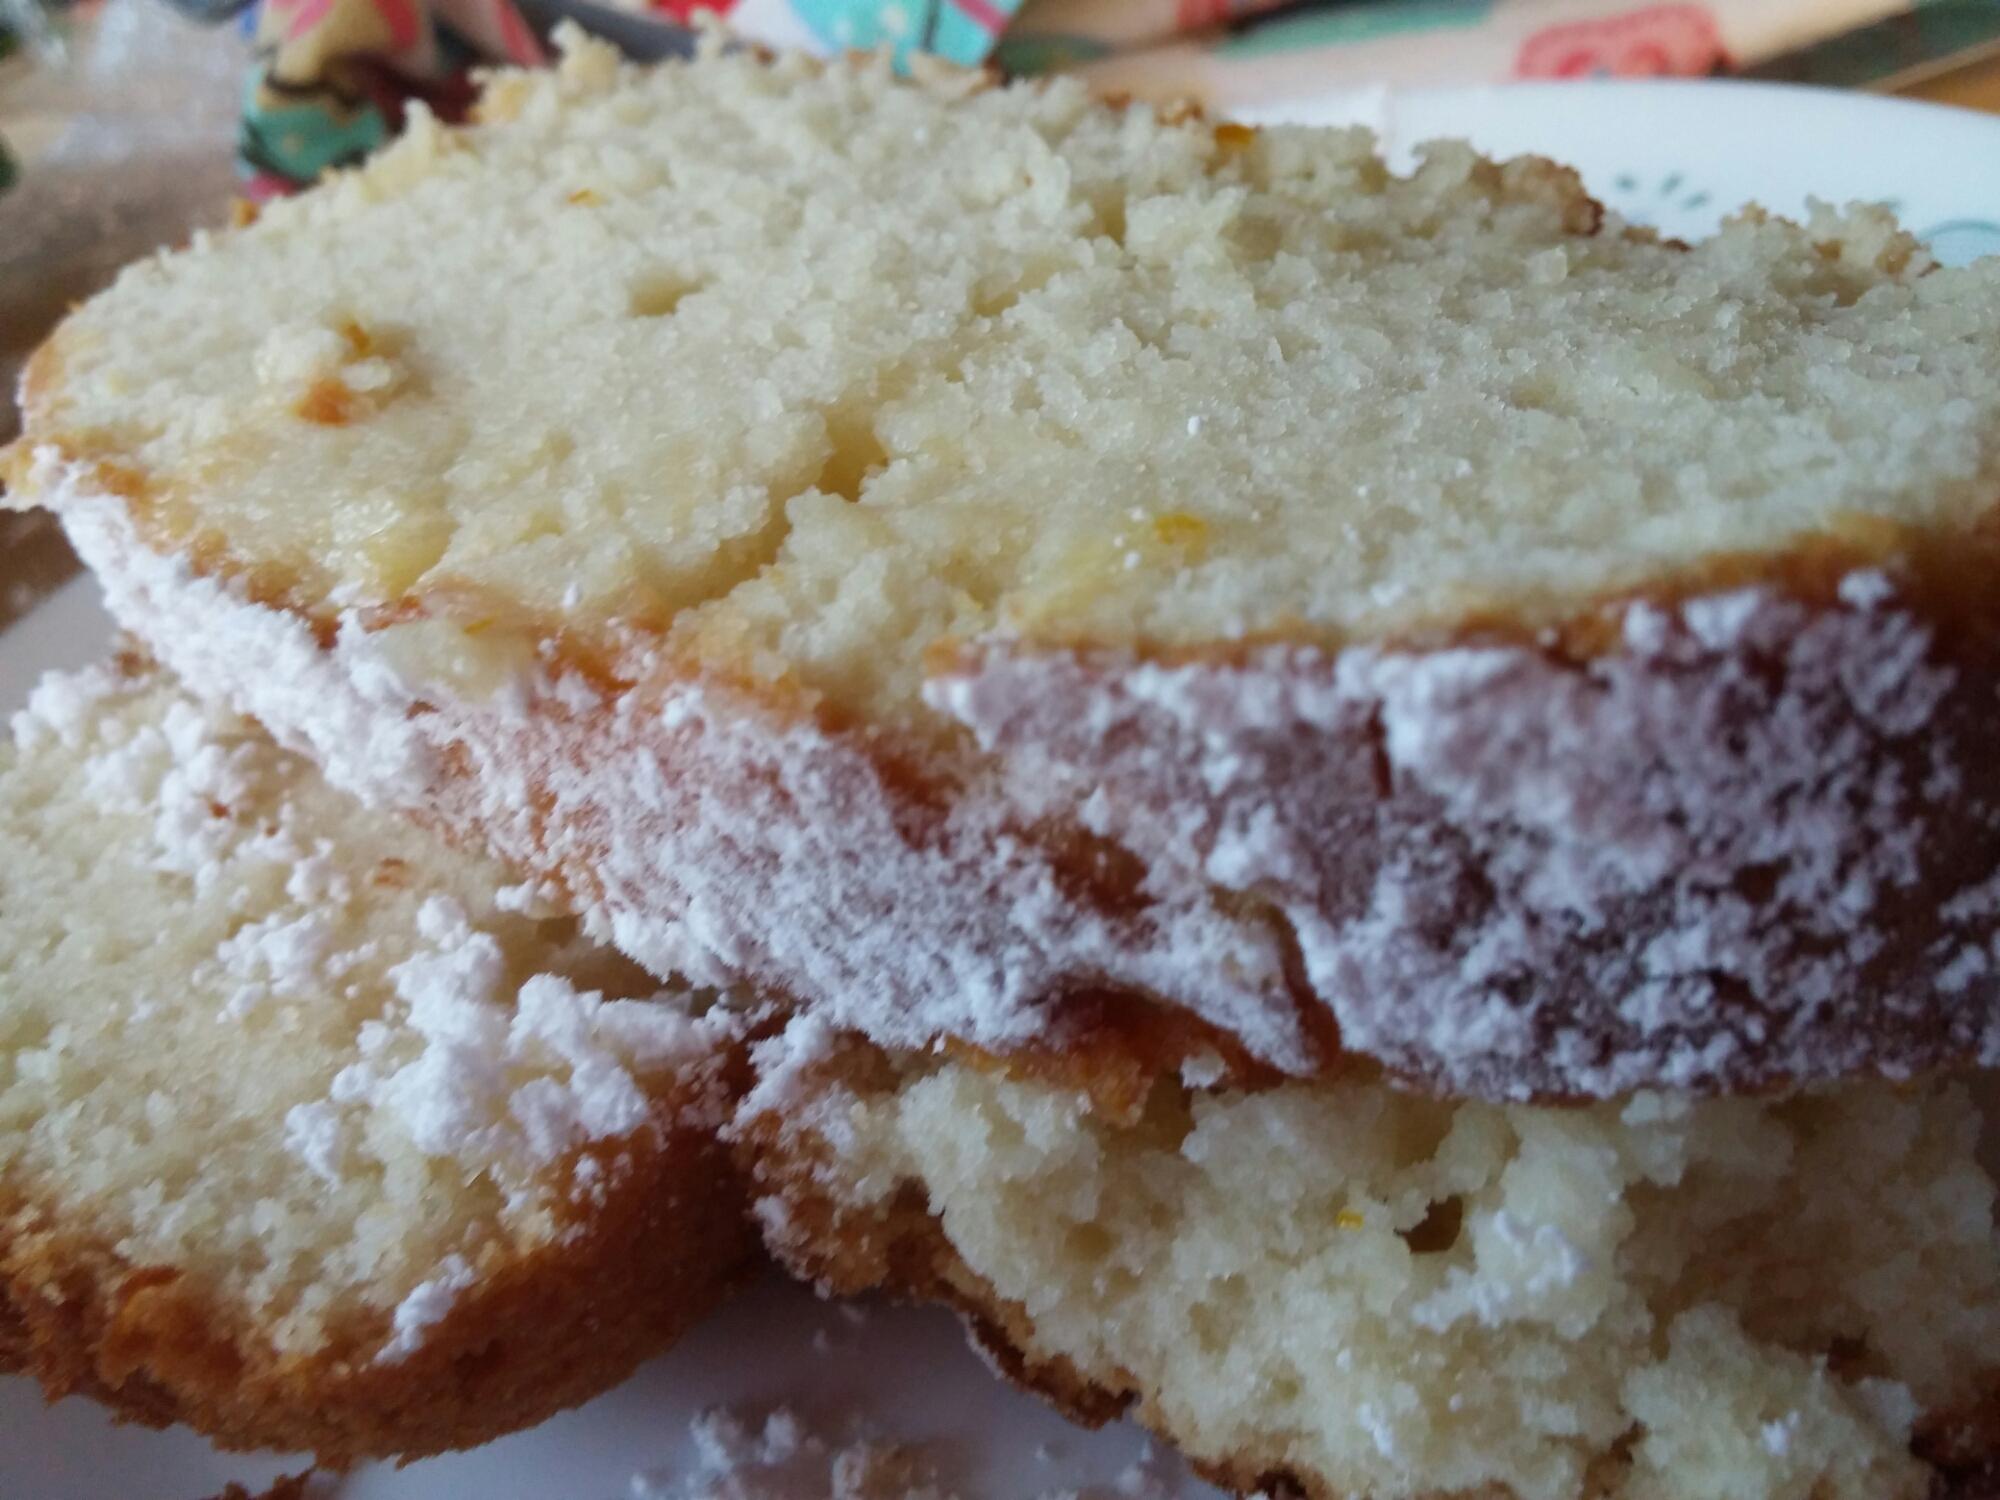 Lemon Drizzle Pound Cake